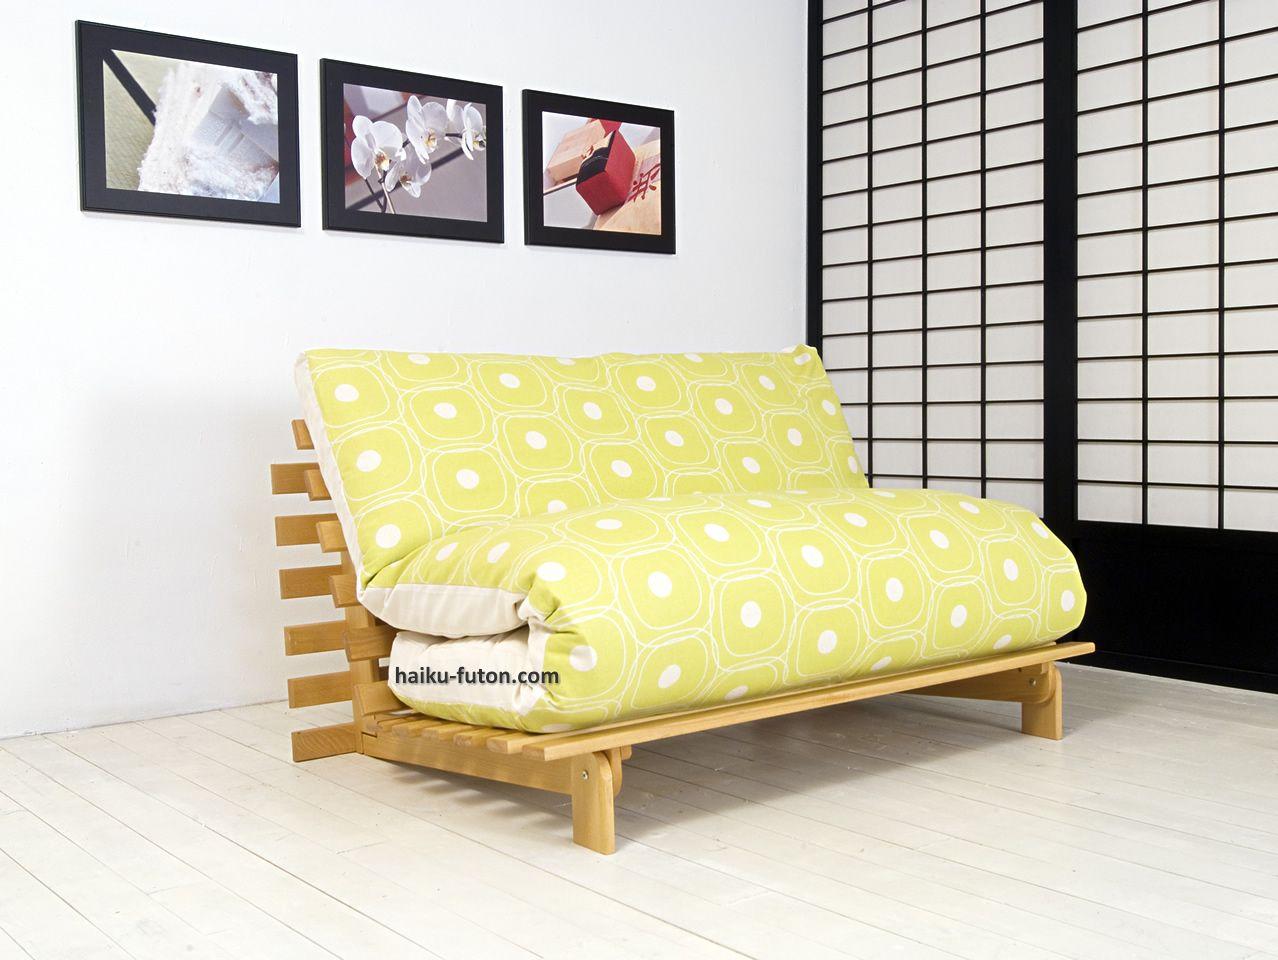 Futon sof cama plegable la estructura del futon sof cama for Sofa cama plegable